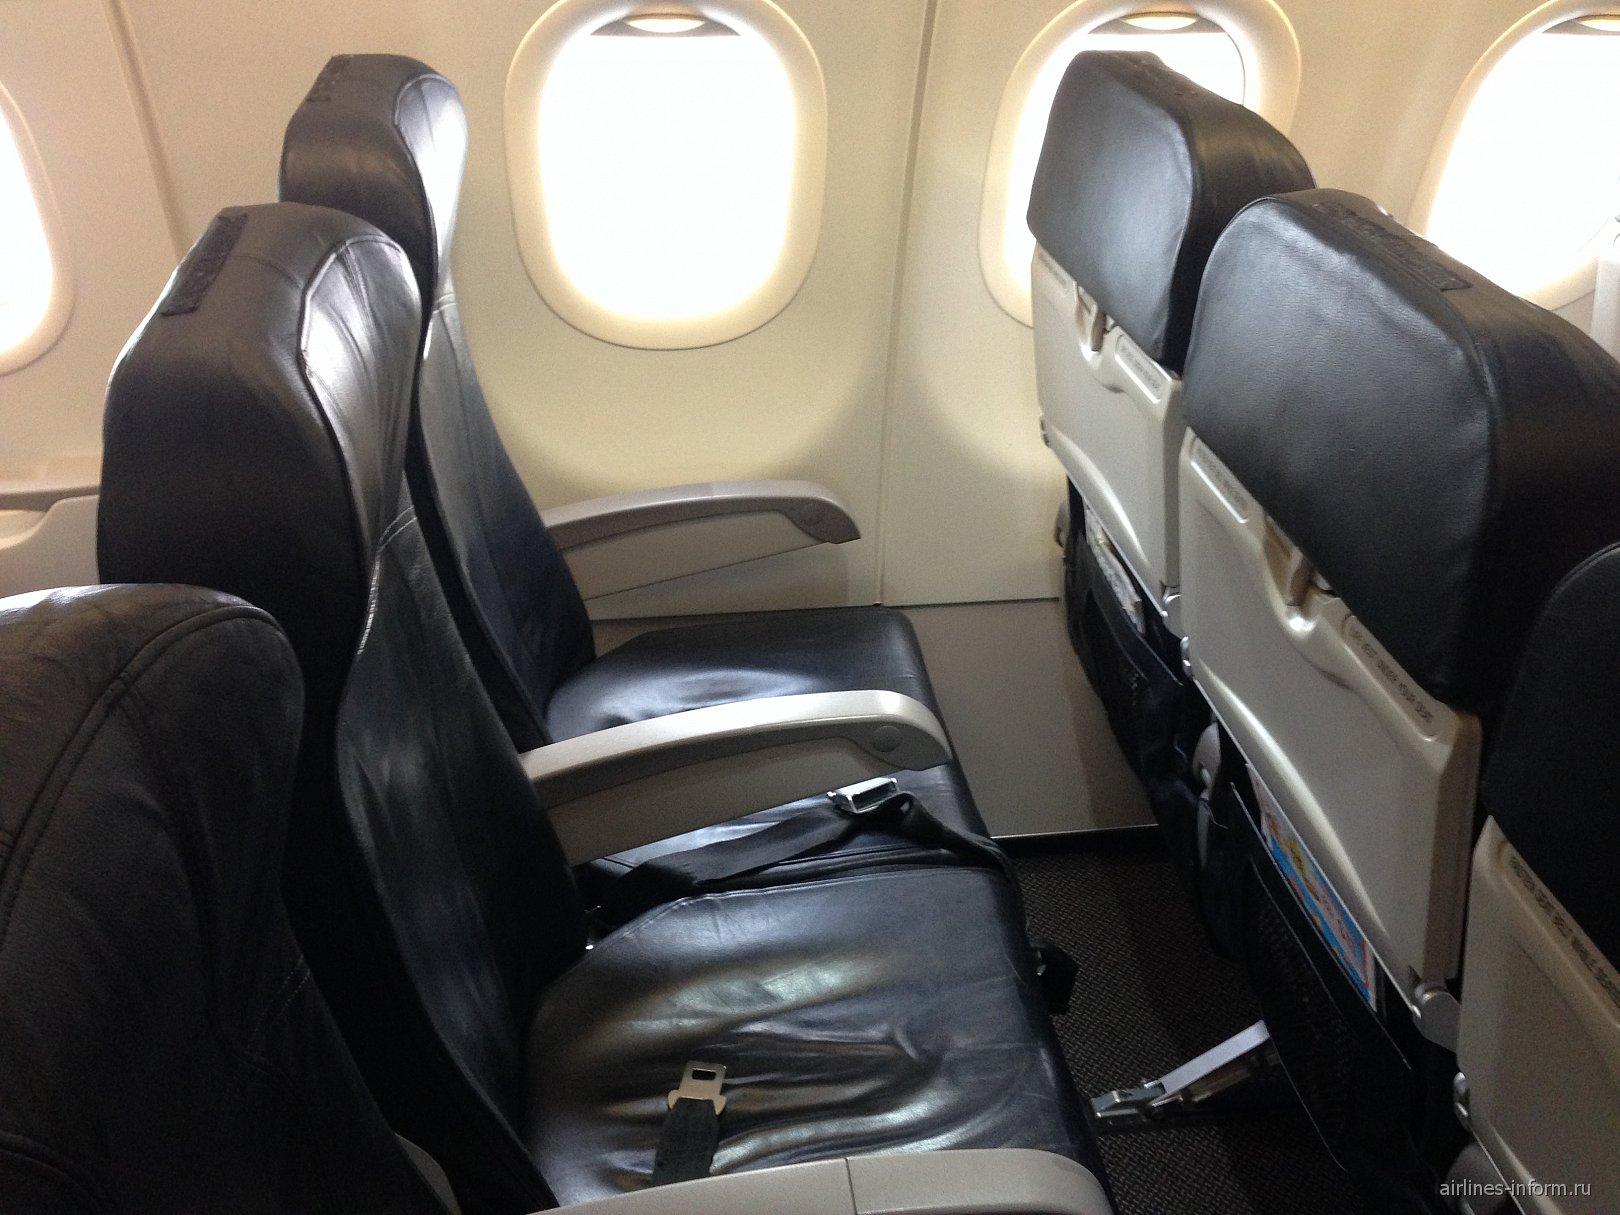 Пассажирские кресла в самолете Airbus A320 авиакомпании Tiger Airways